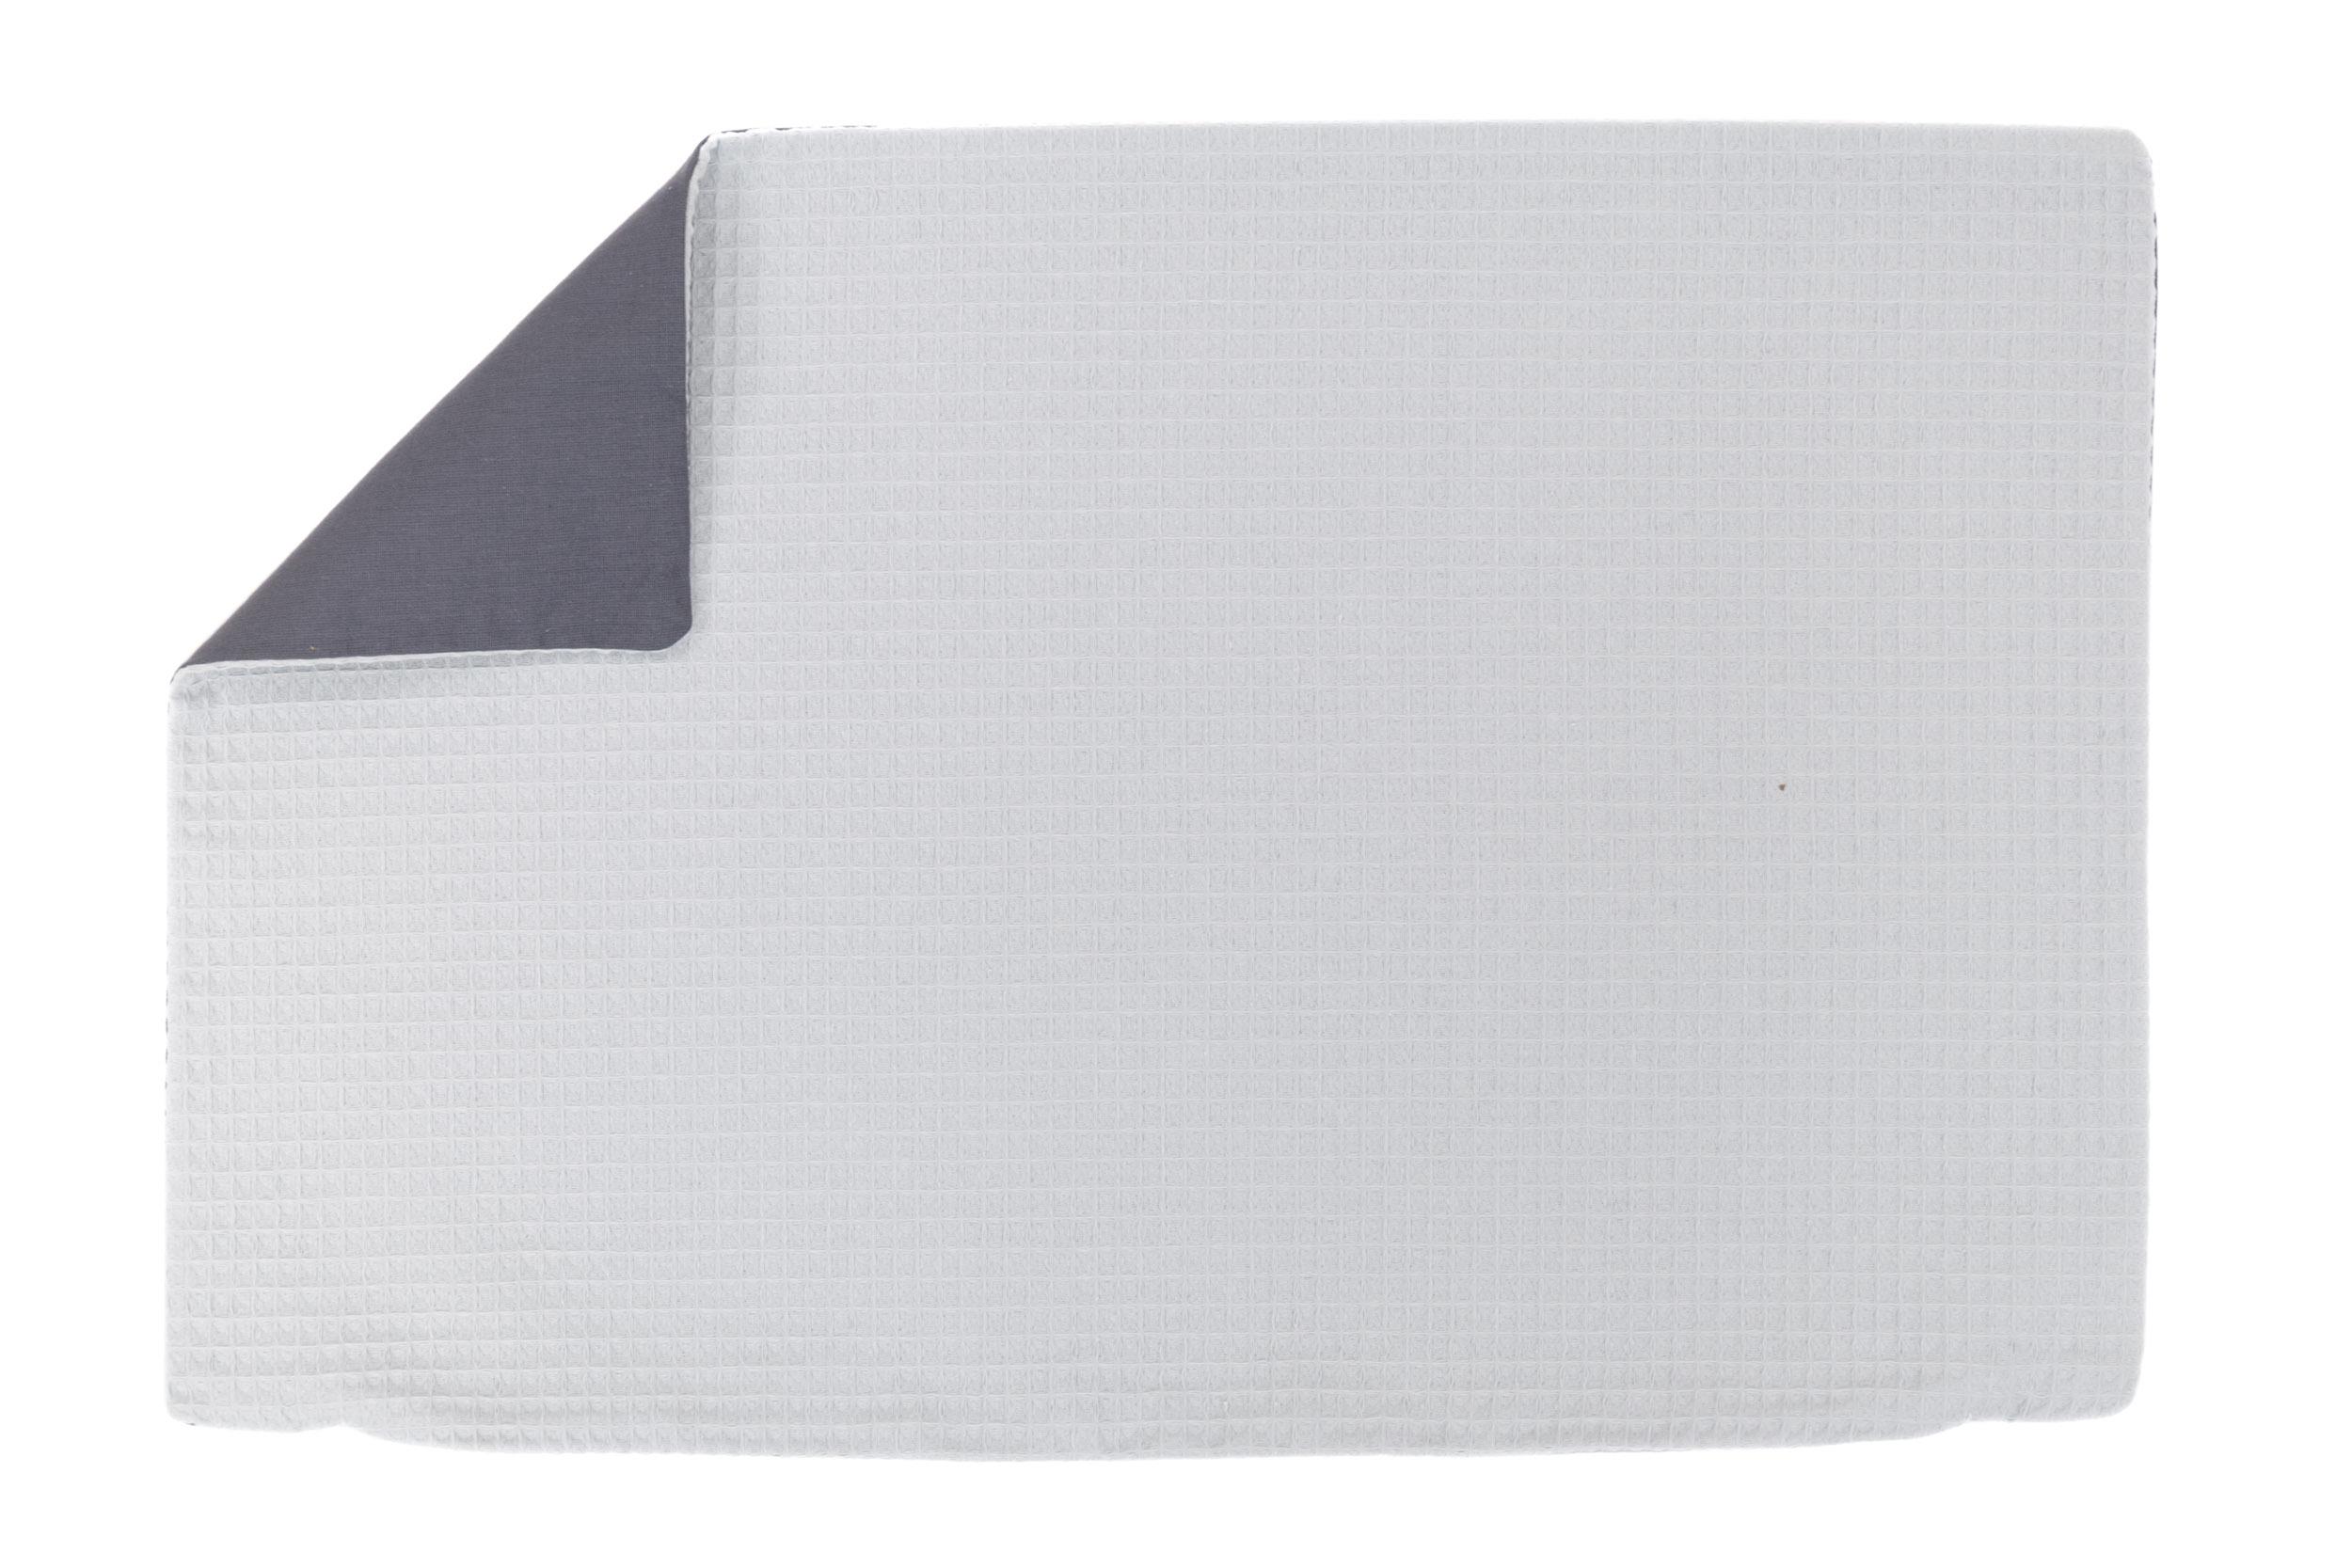 Kissenhülle Zierkissenbezug Kissenbezug ca. 60x40 cm für Kissen oder Dekokissen Hellgrau Anthrazit